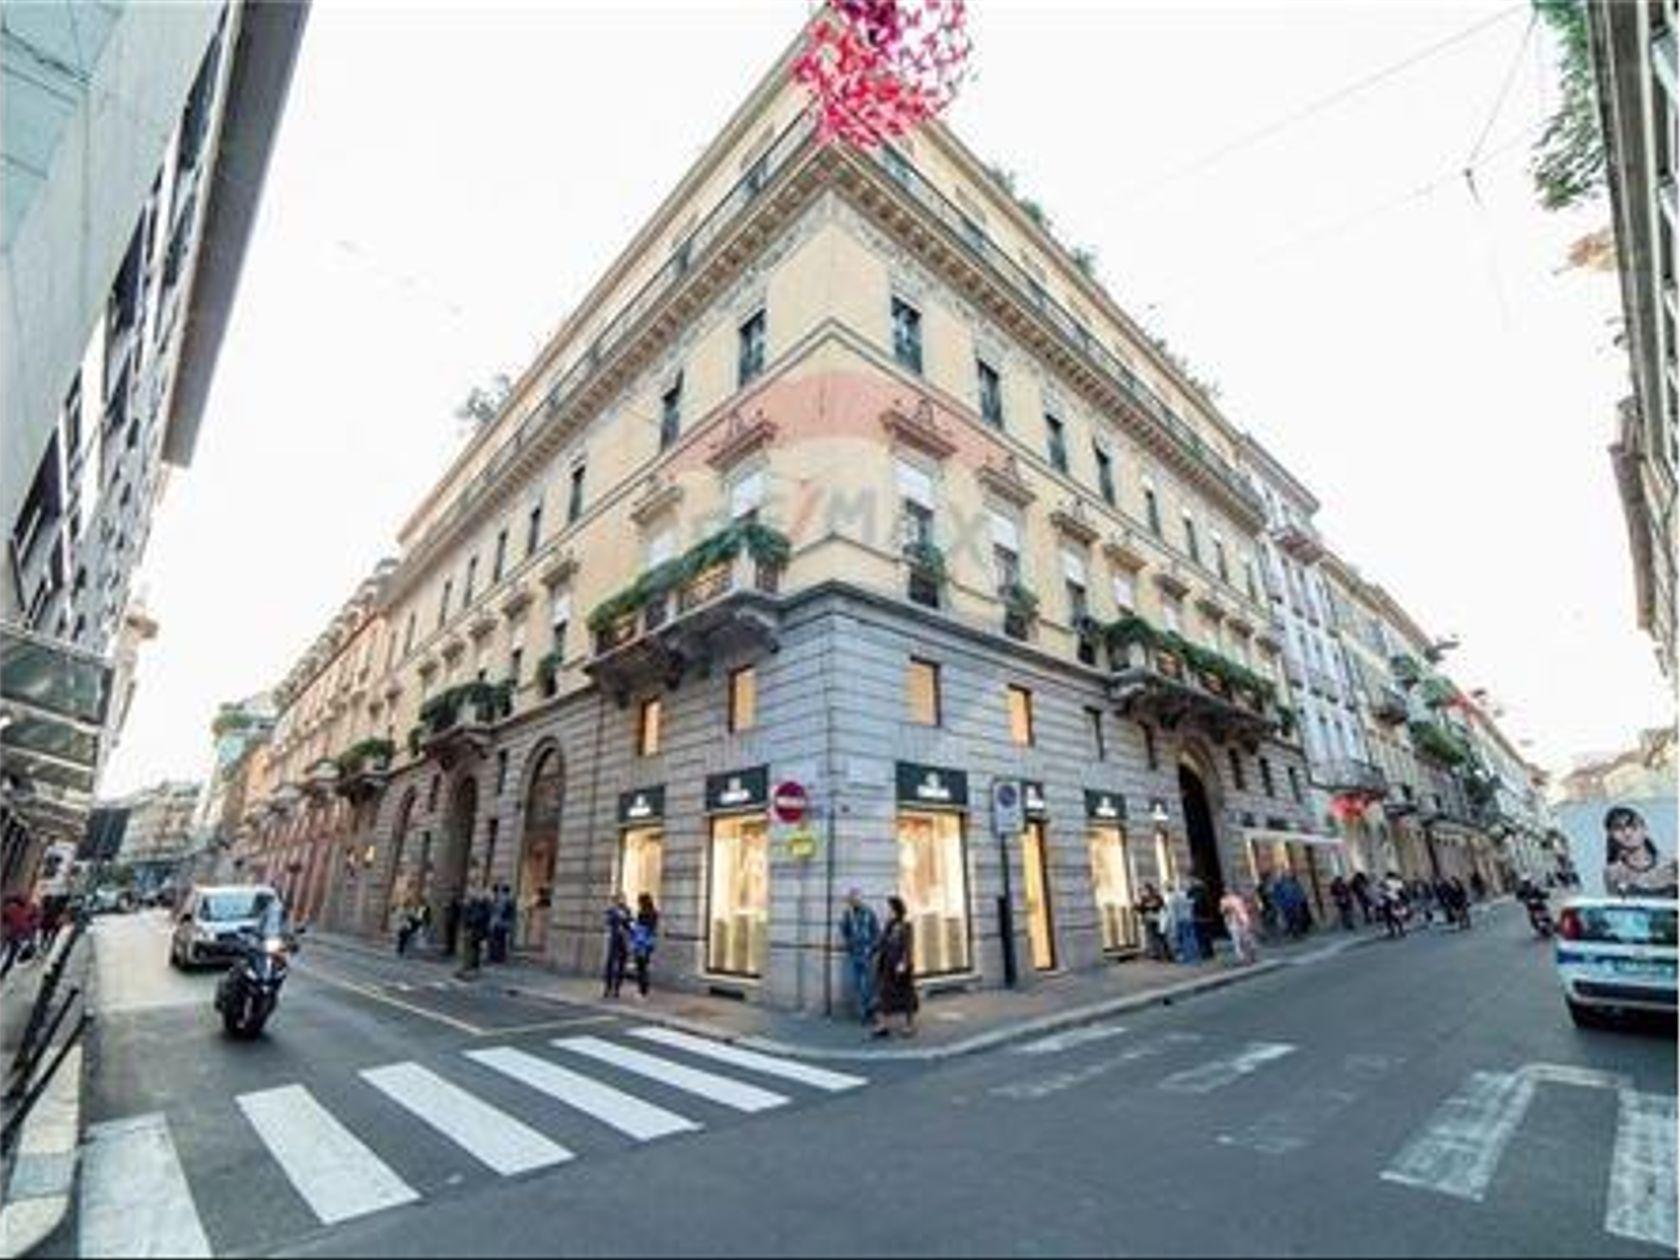 Attico/Mansarda Centro Storico, Milano, MI Vendita - Foto 2